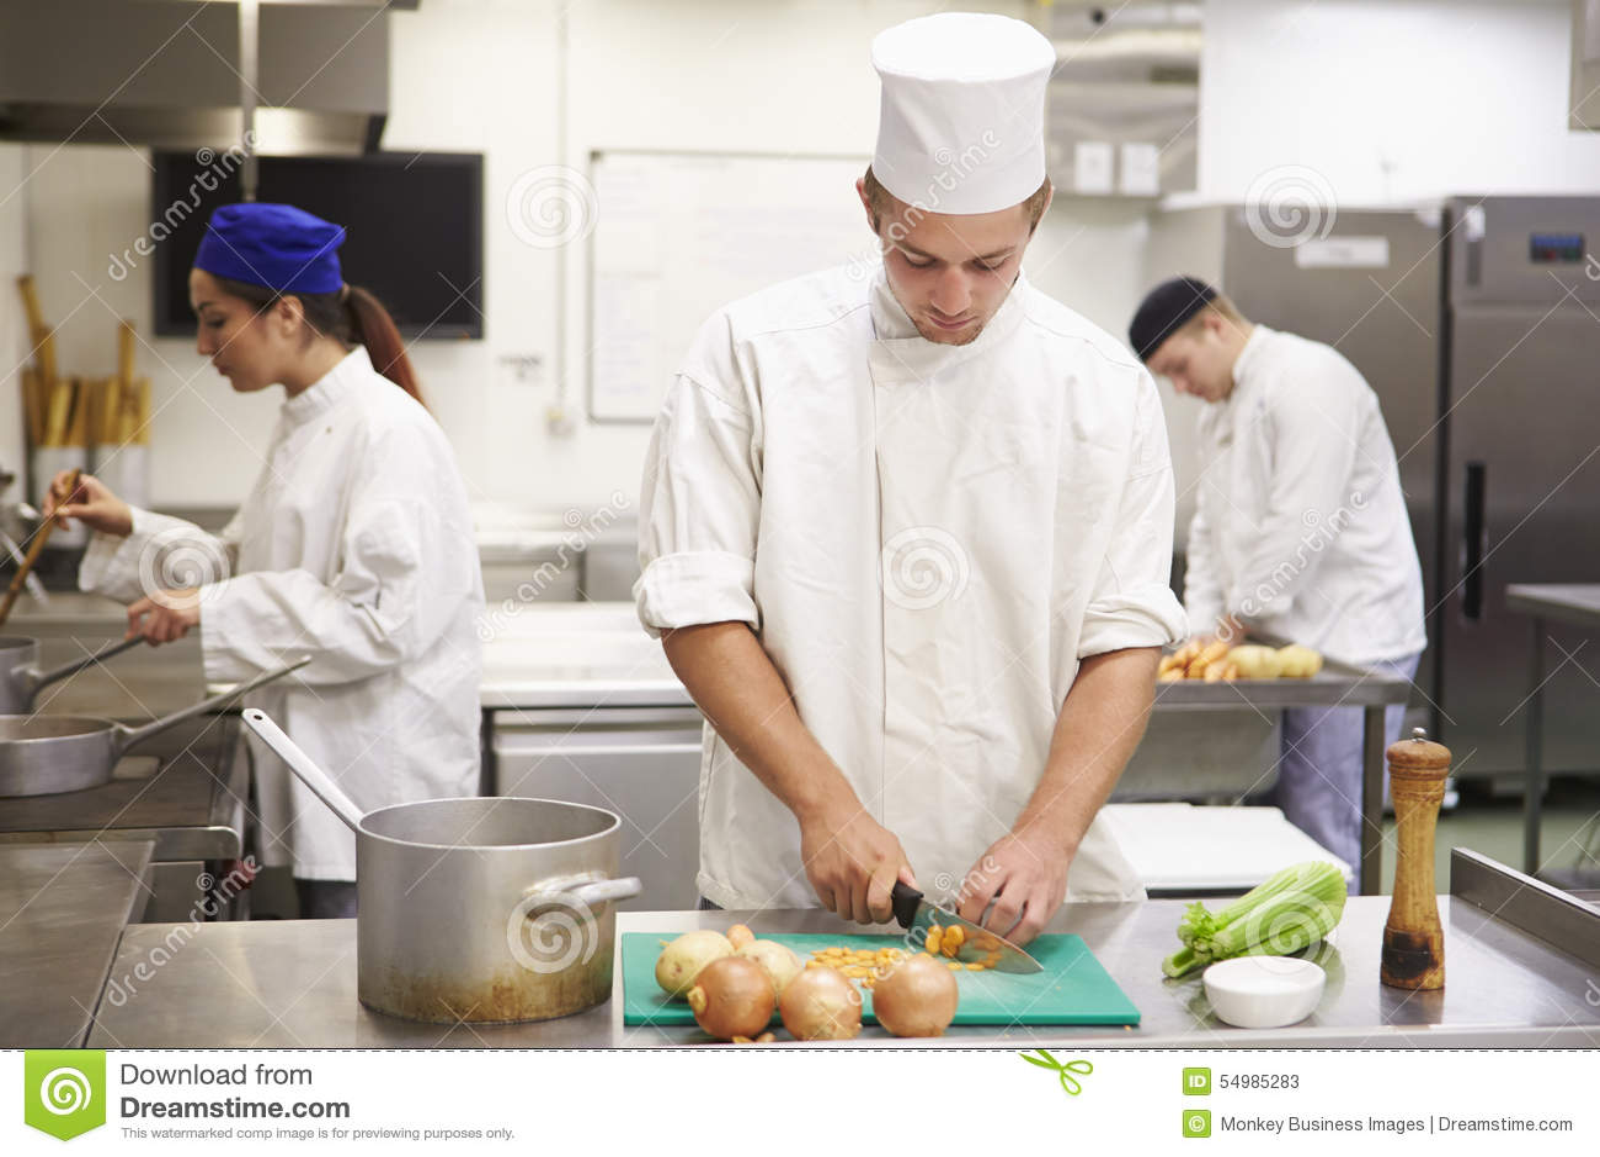 Étudiants s exerçant pour travailler dans l industrie de la restauration